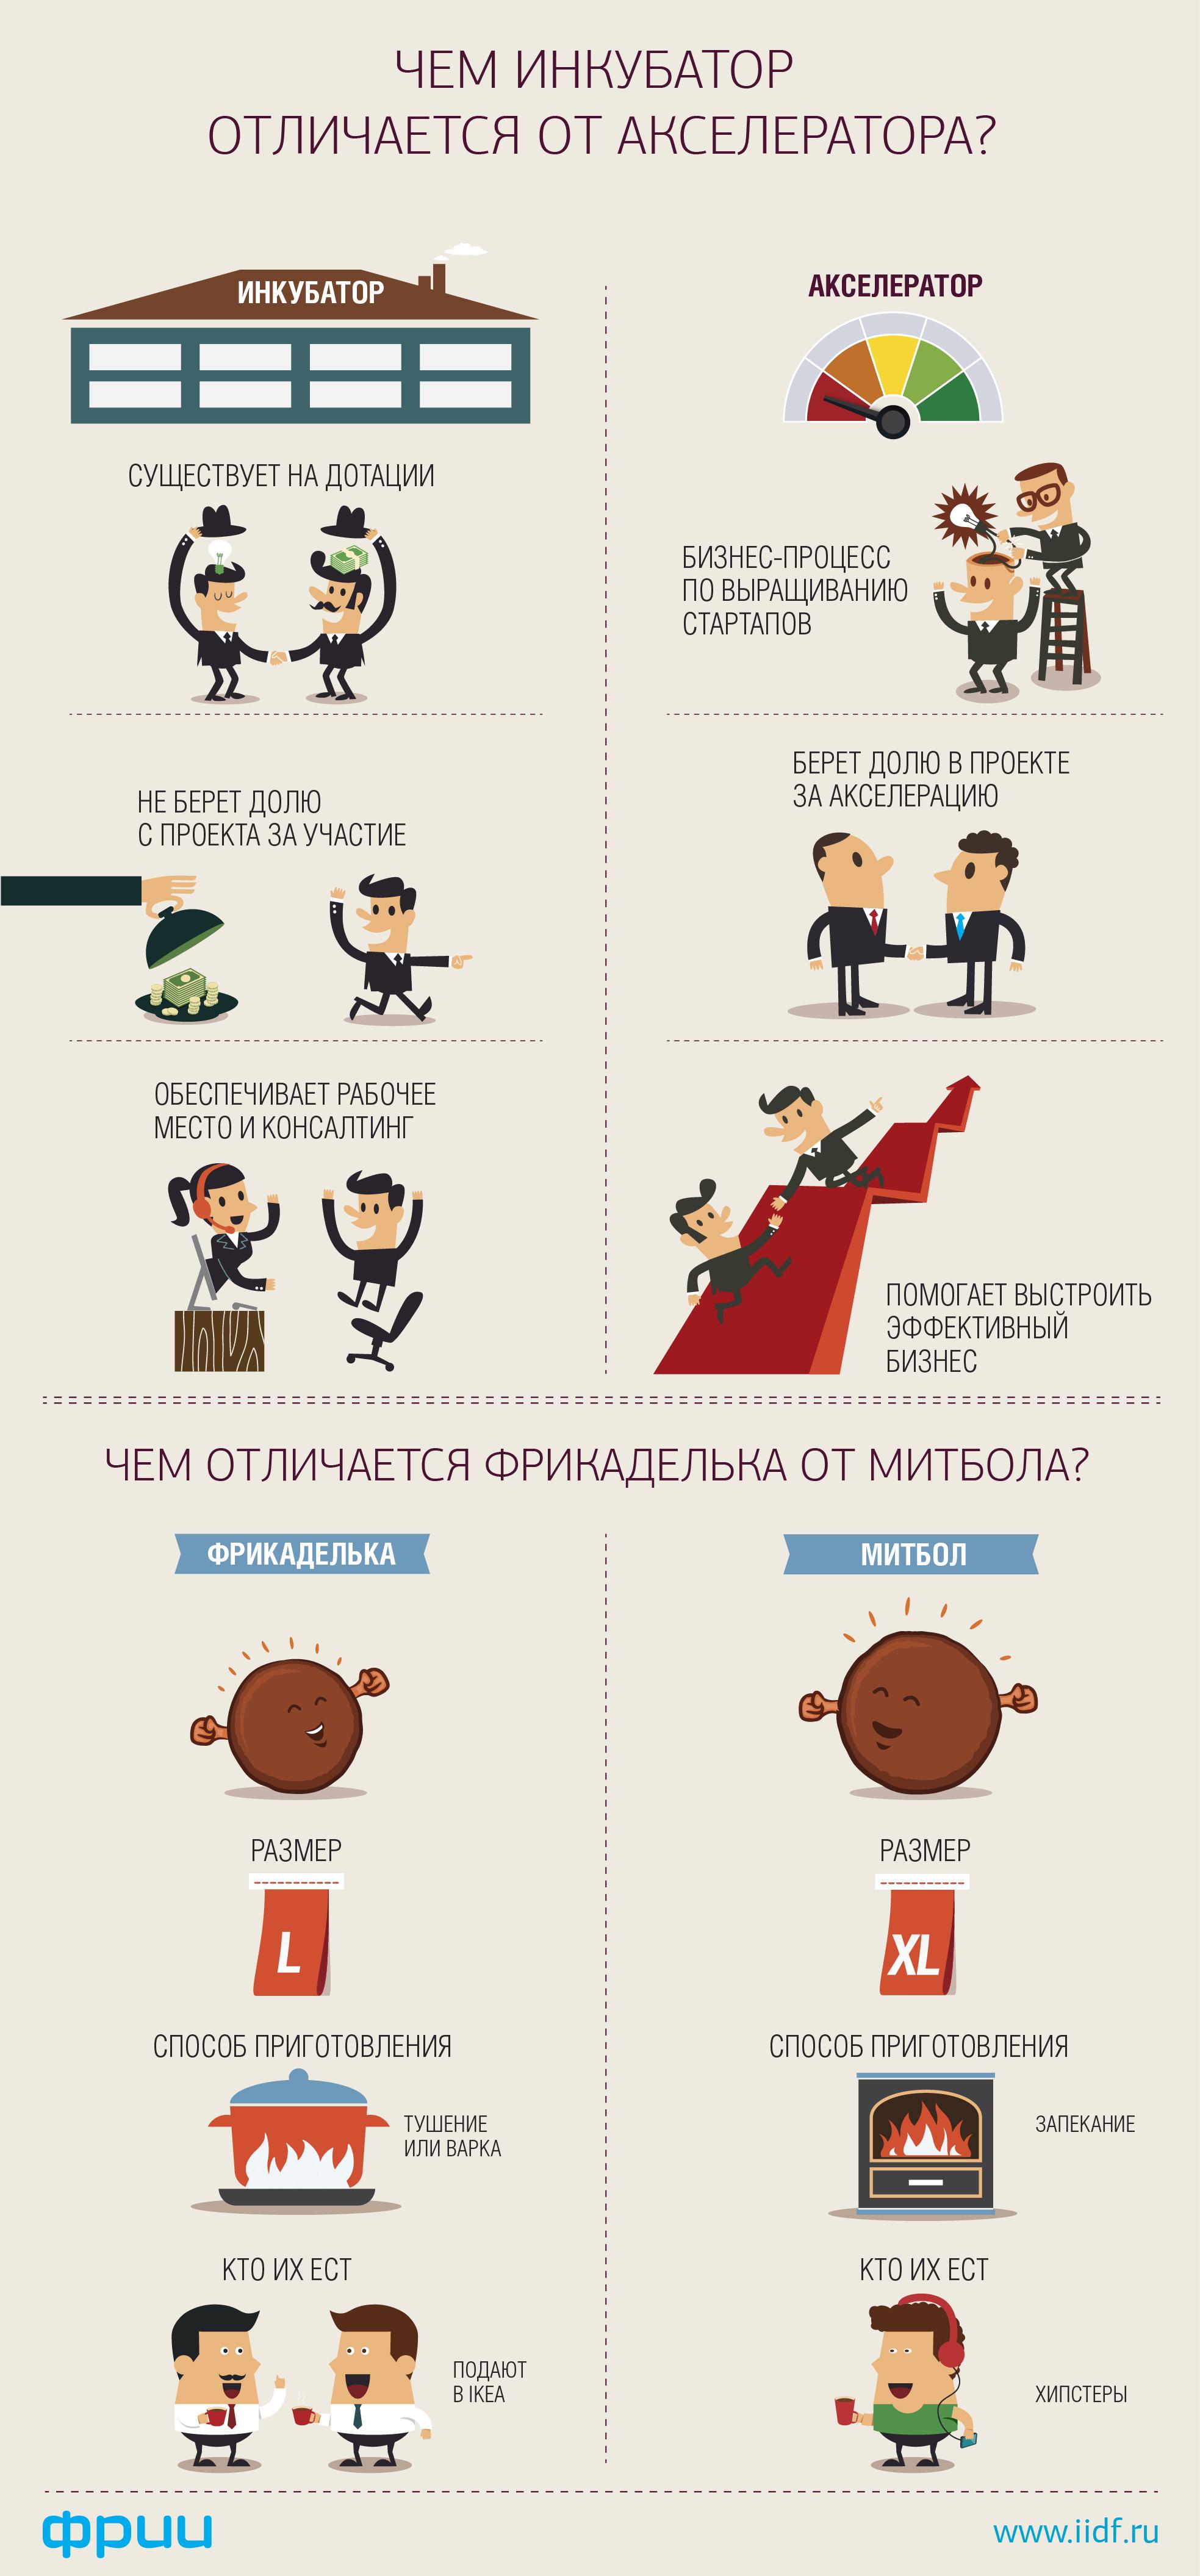 Стартапу в помощь: инкубаторы и акселераторы России